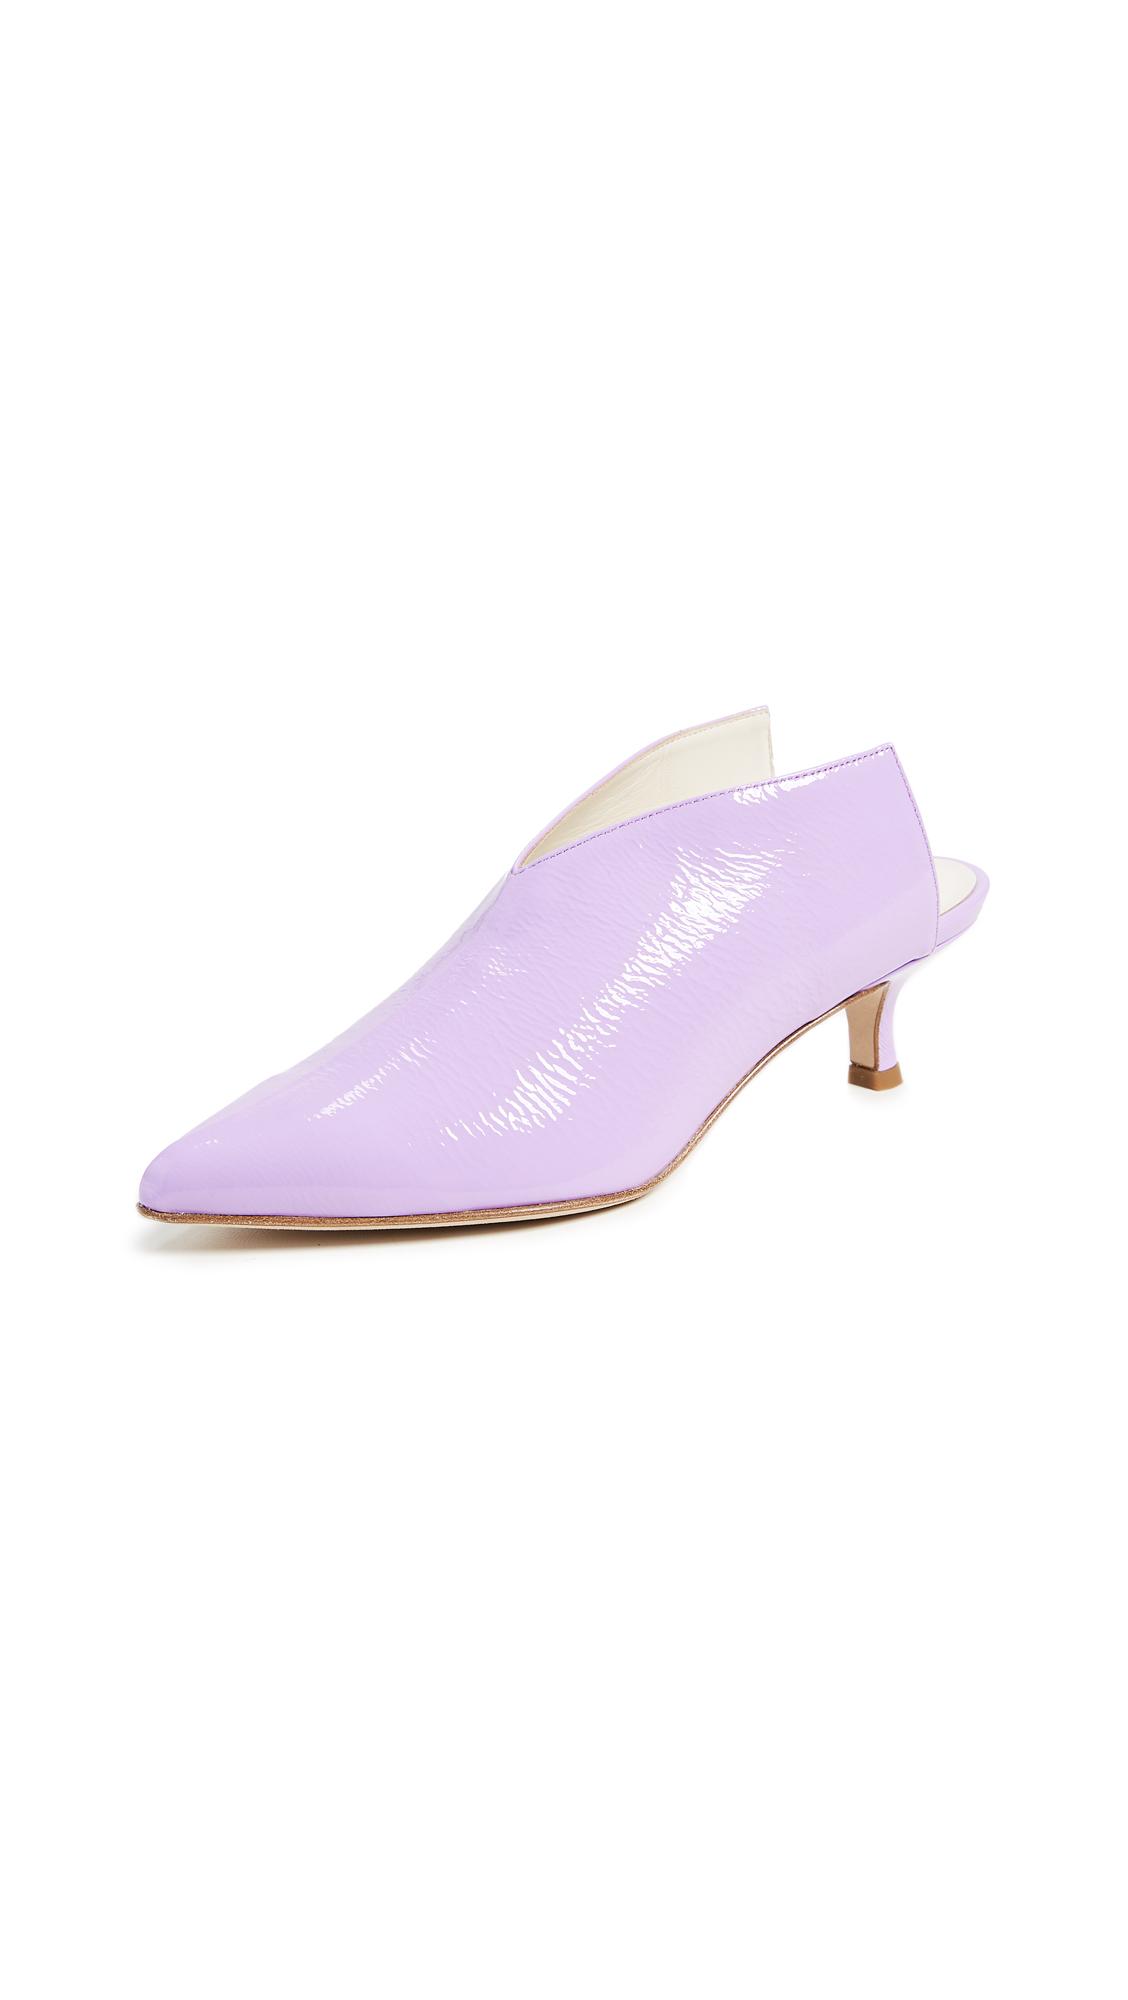 Tibi Jase Mules - Lavender